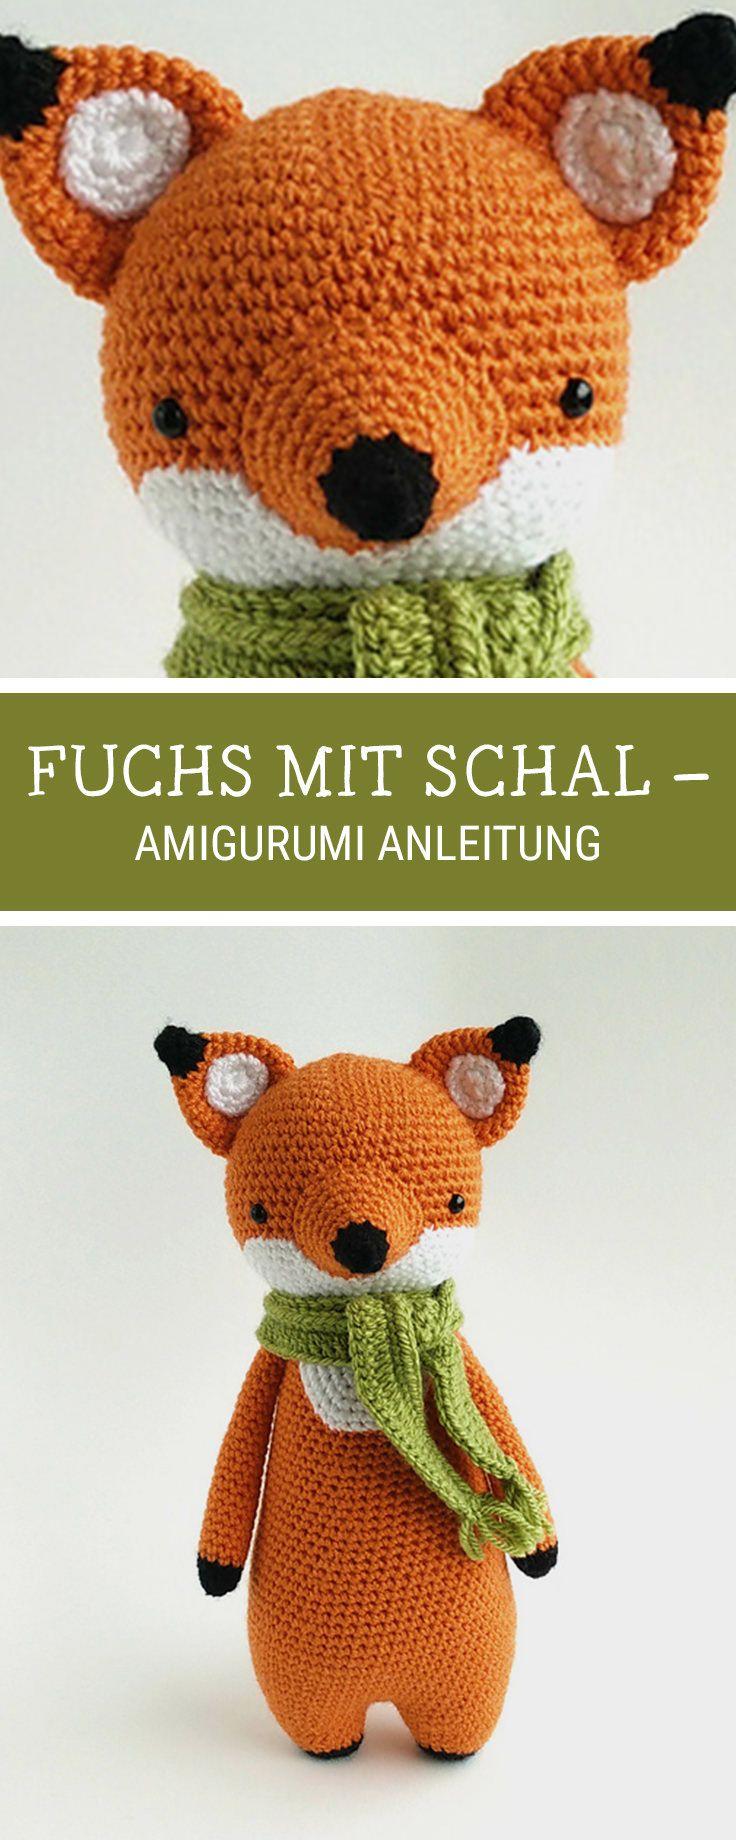 Amigurumi häkeln: Fuchs mit Schal häkeln / amigurumi pattern for a ...